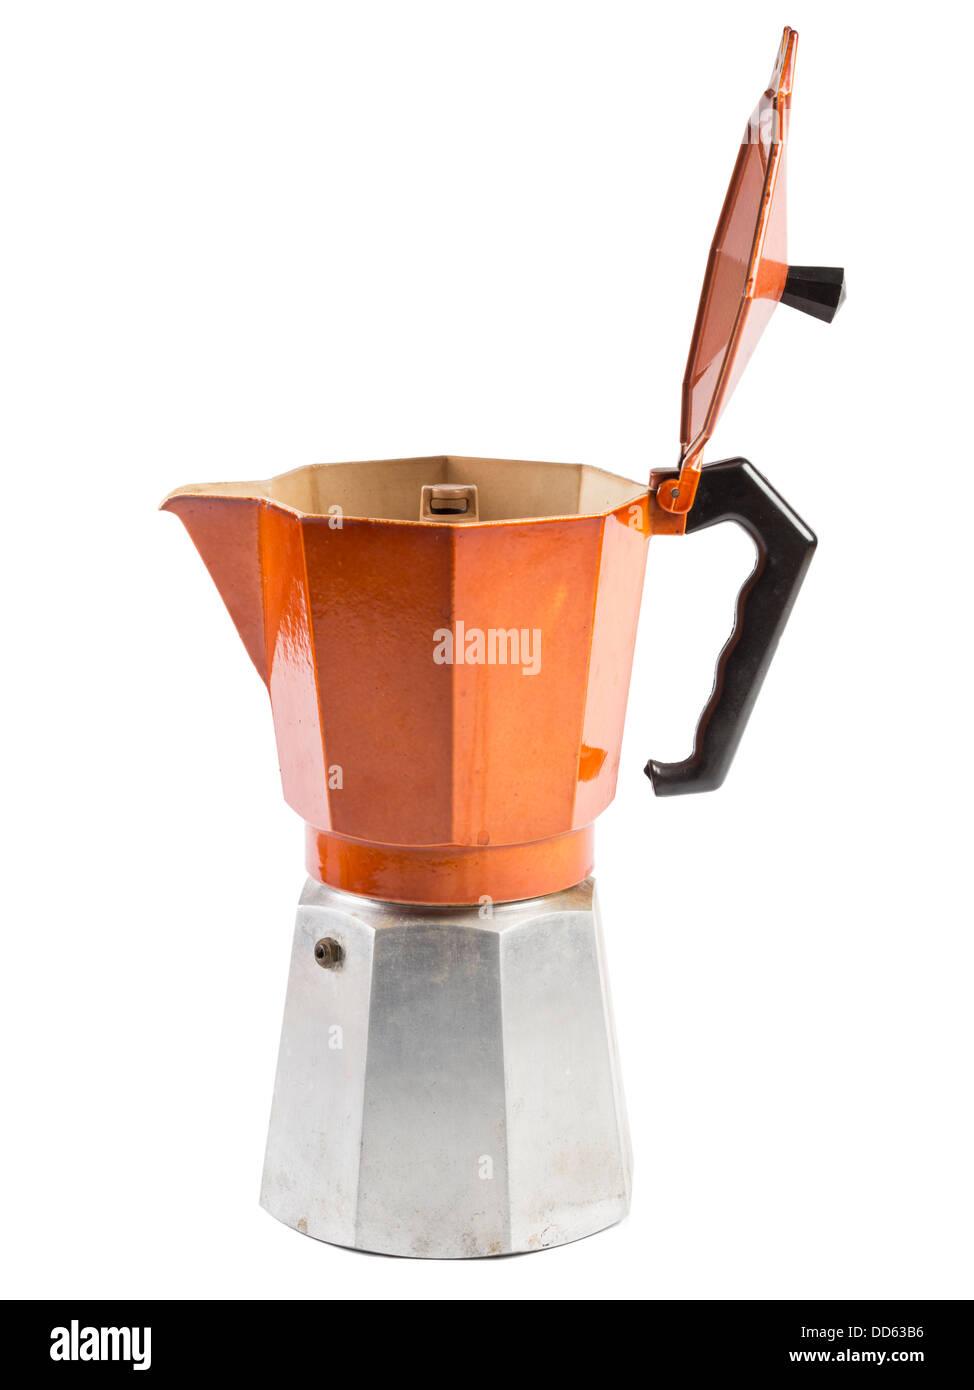 Orange moka pot coffee maker isolated on white background - Stock Image